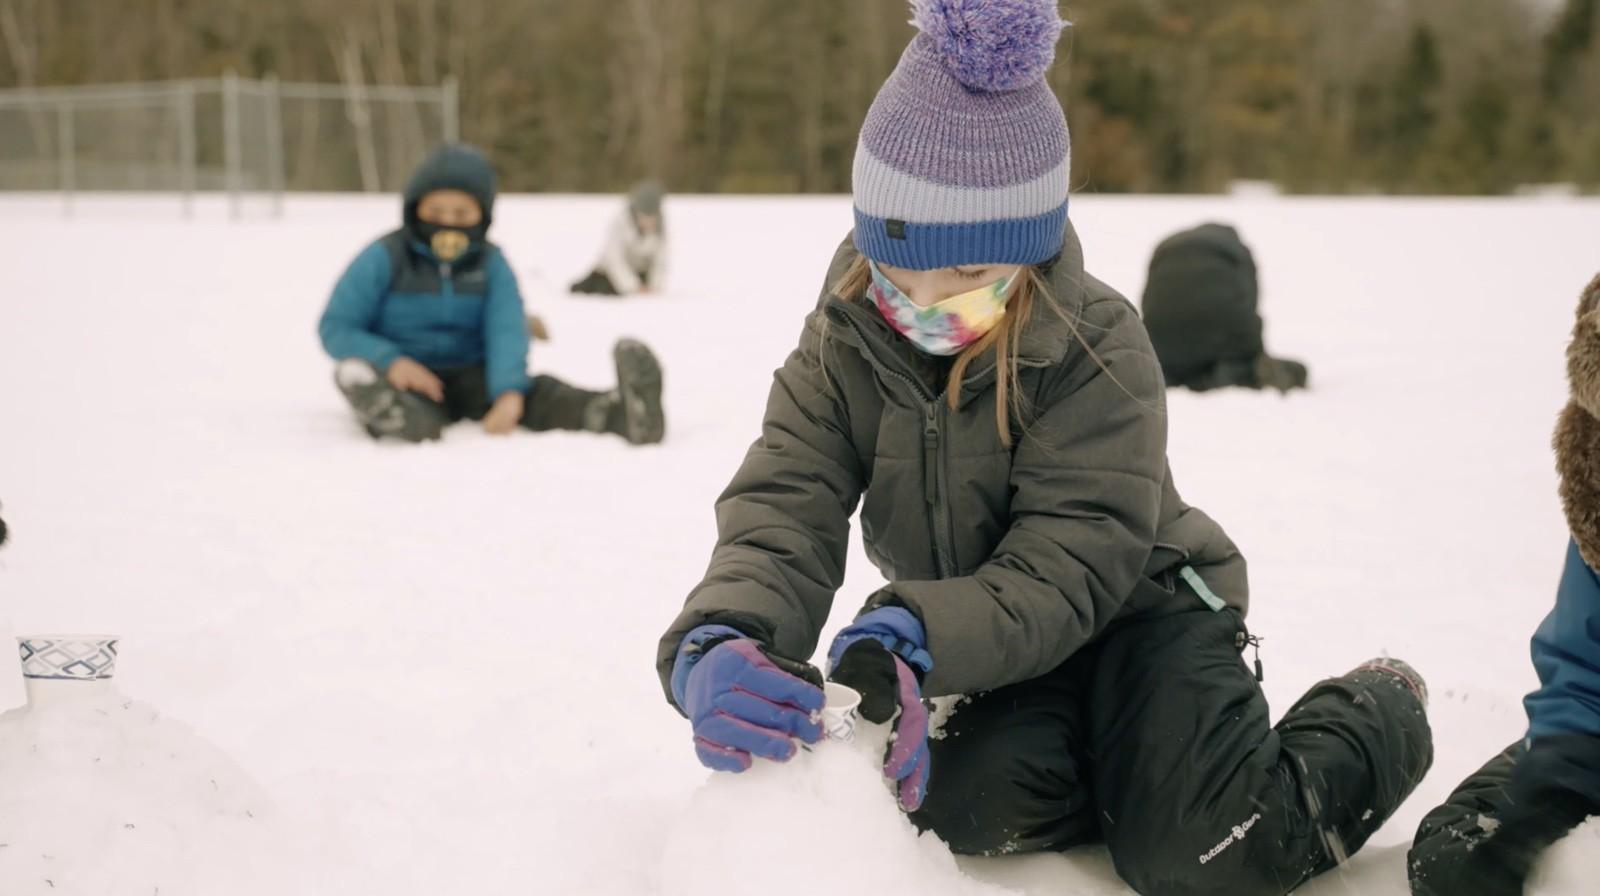 WinterKids Winter Games 2021 Video Screenshots18